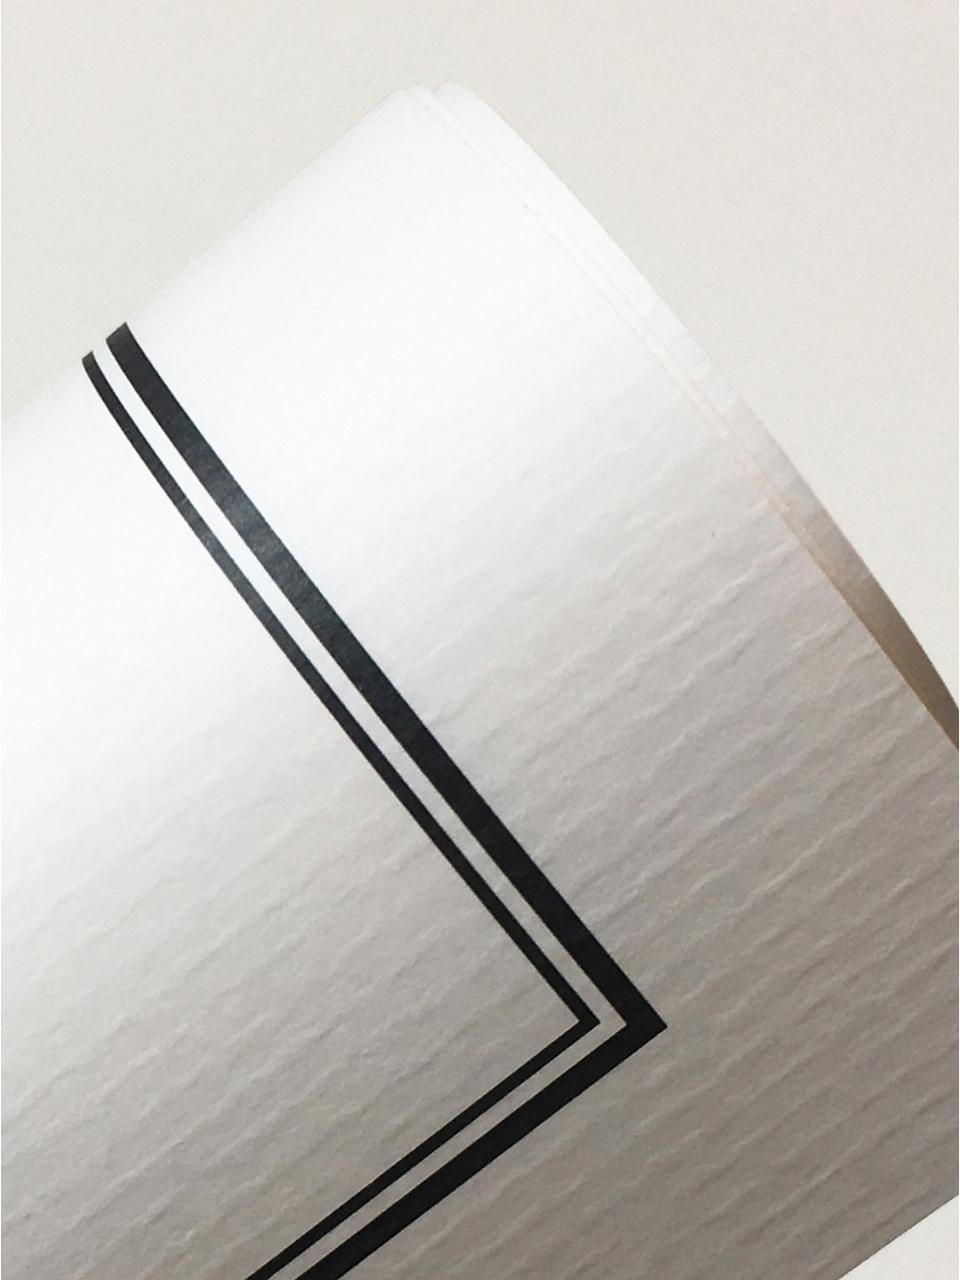 Gerahmter Digitaldruck Amsterdam, Bild: Digitaldruck auf Vergé-Pa, Rahmen: Holz, lackiert, Front: Plexiglas, Bild: Schwarz, WeißRahmen: Schwarz, matt, 42 x 53 cm